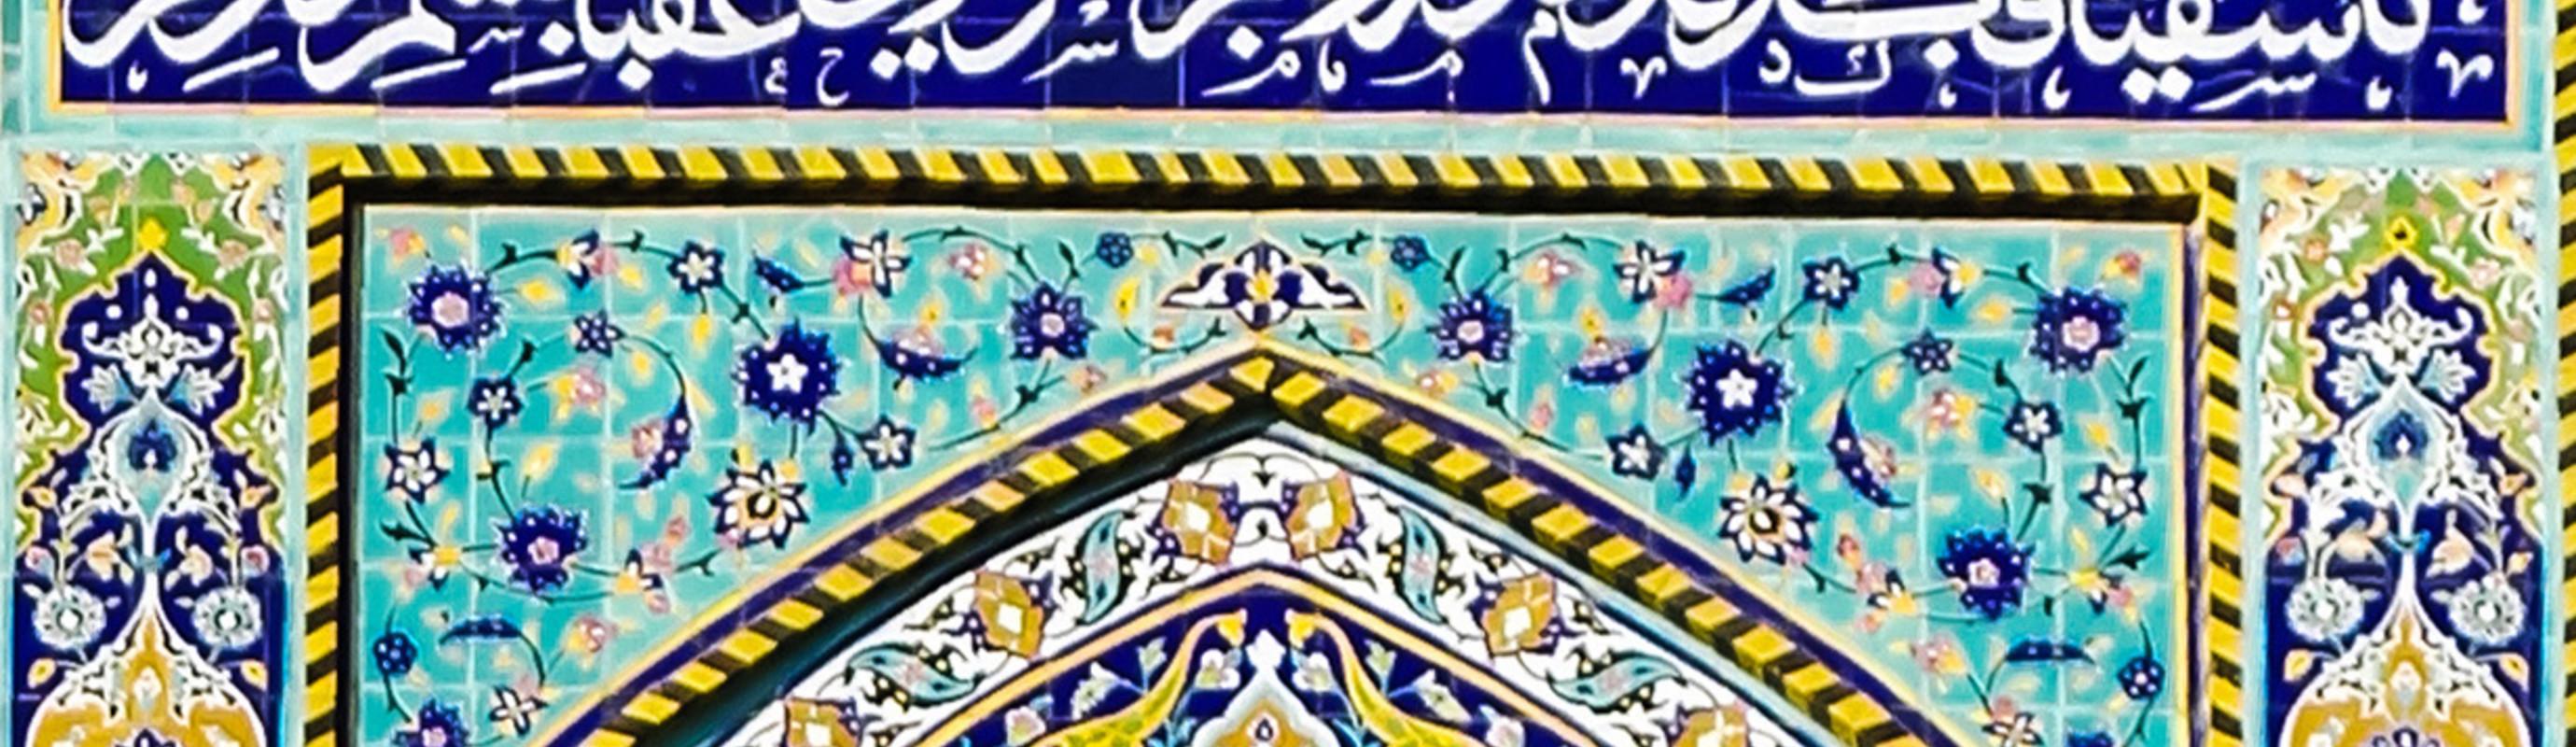 Preek ter nagedachtenis Imam Jawad (as).